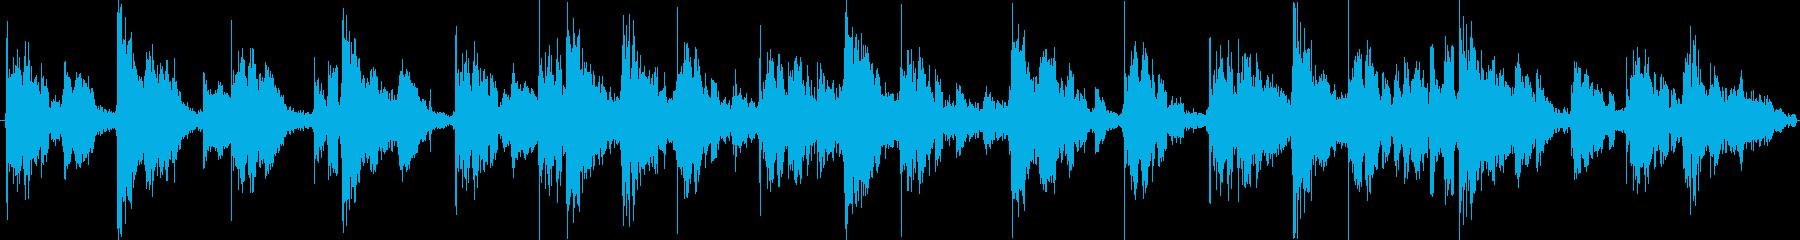 リズミカルで謎めいたローファイテクノの再生済みの波形